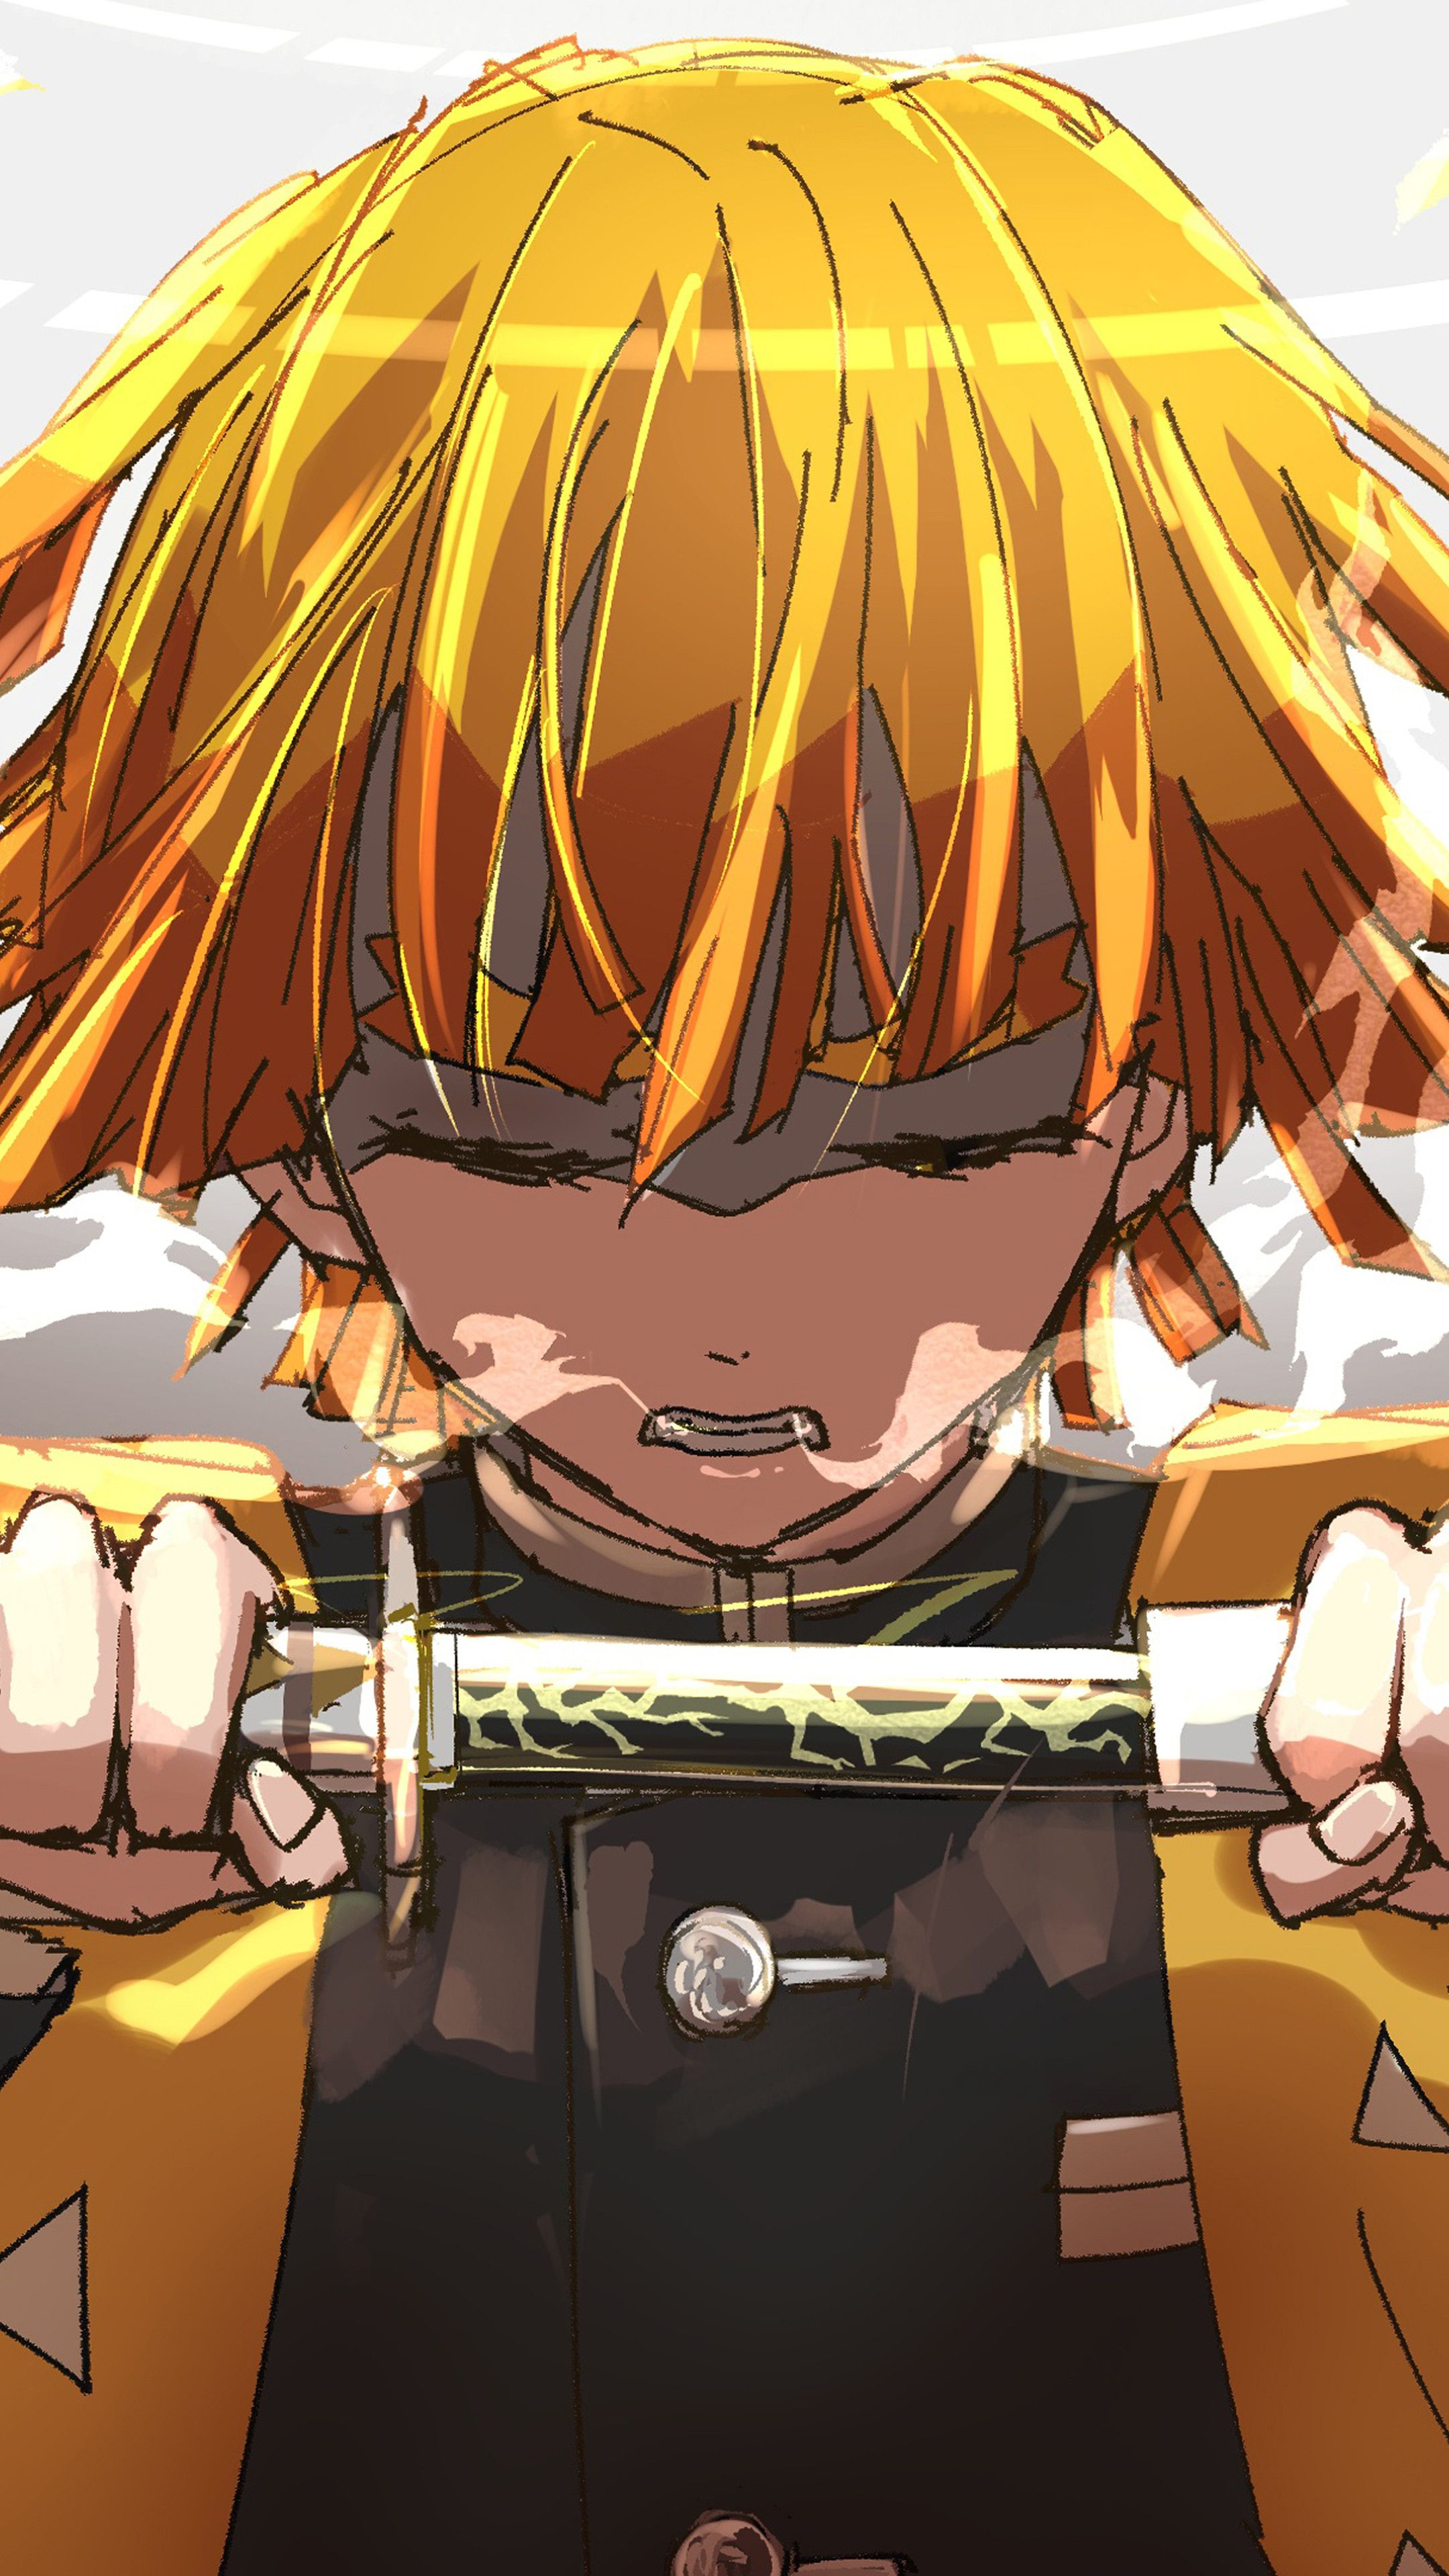 Imagem de صور اعجبني por ارجوان em 2020 Animes